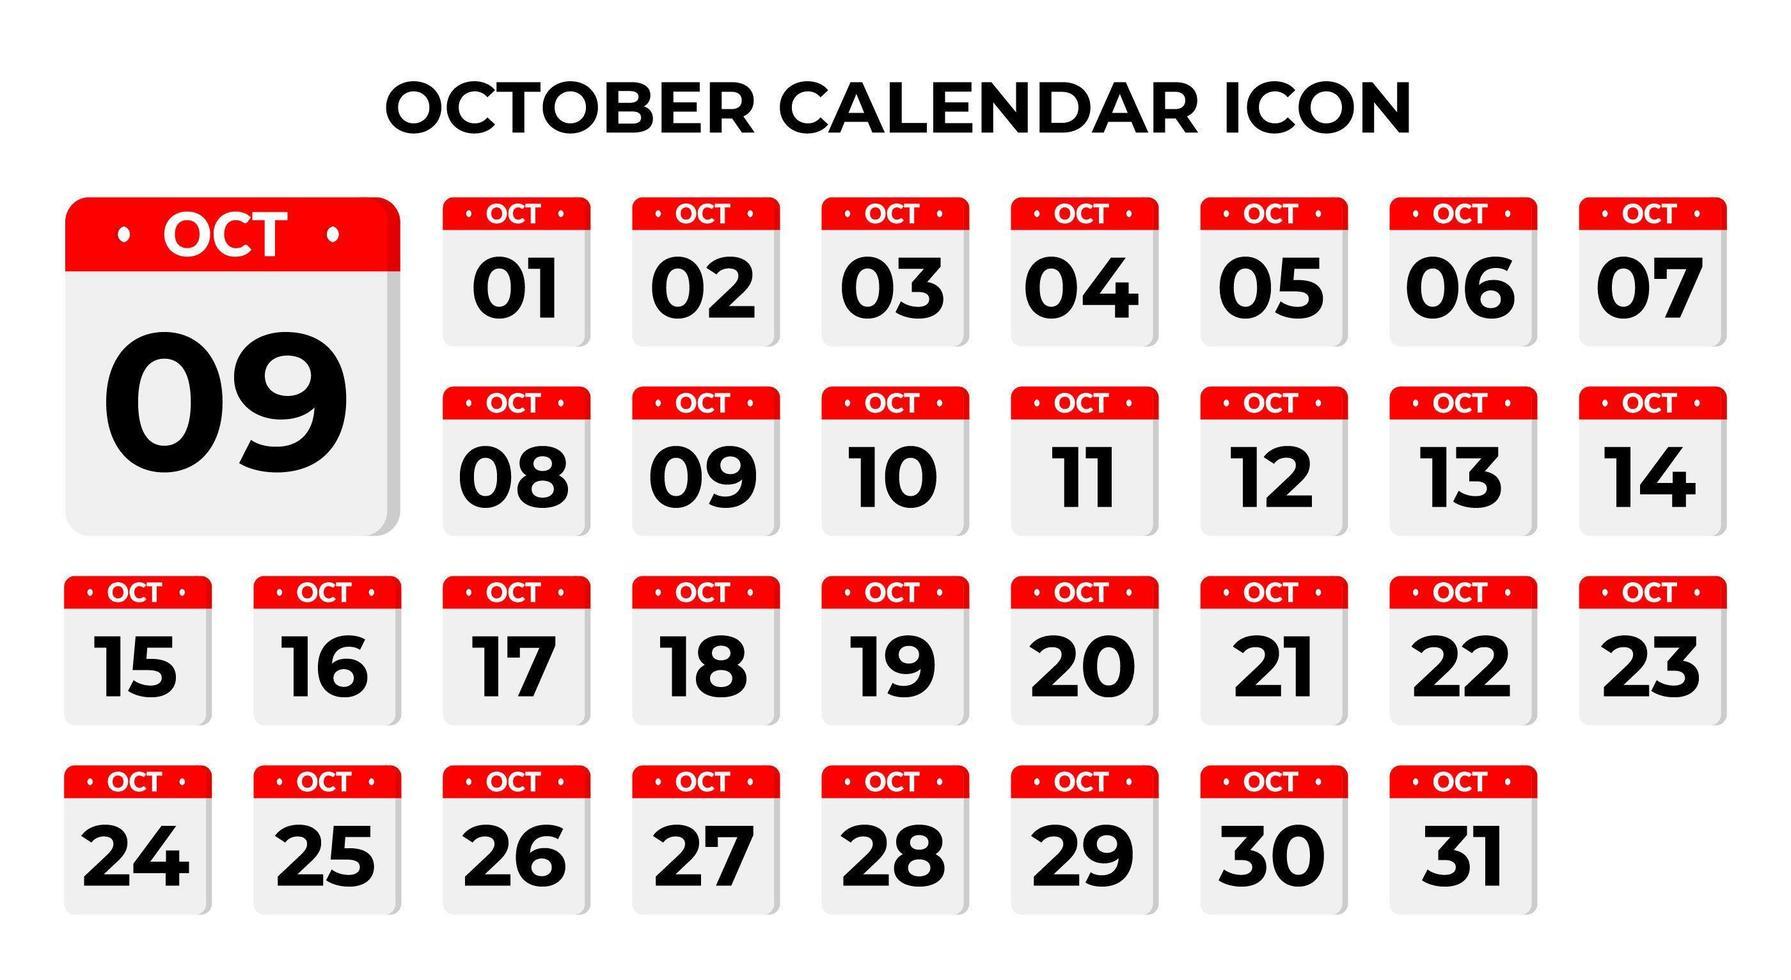 October calendar icons vector